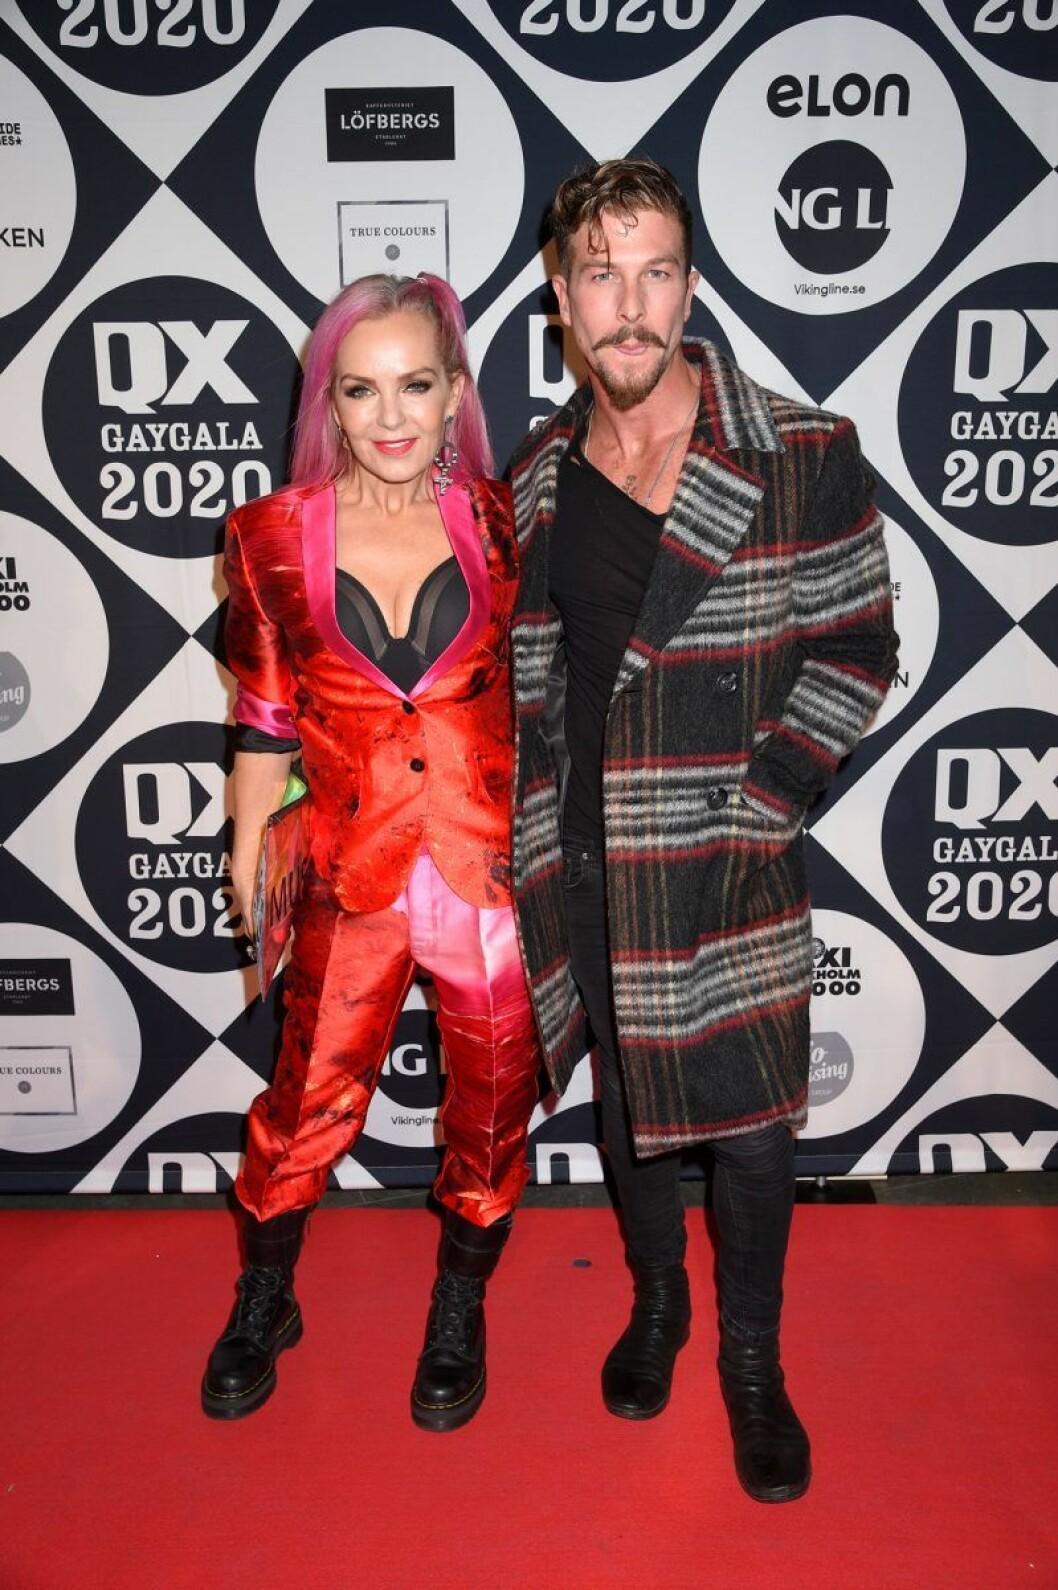 Tess Merkel och Kenny Solomons på röda mattan på QX-galan 2020